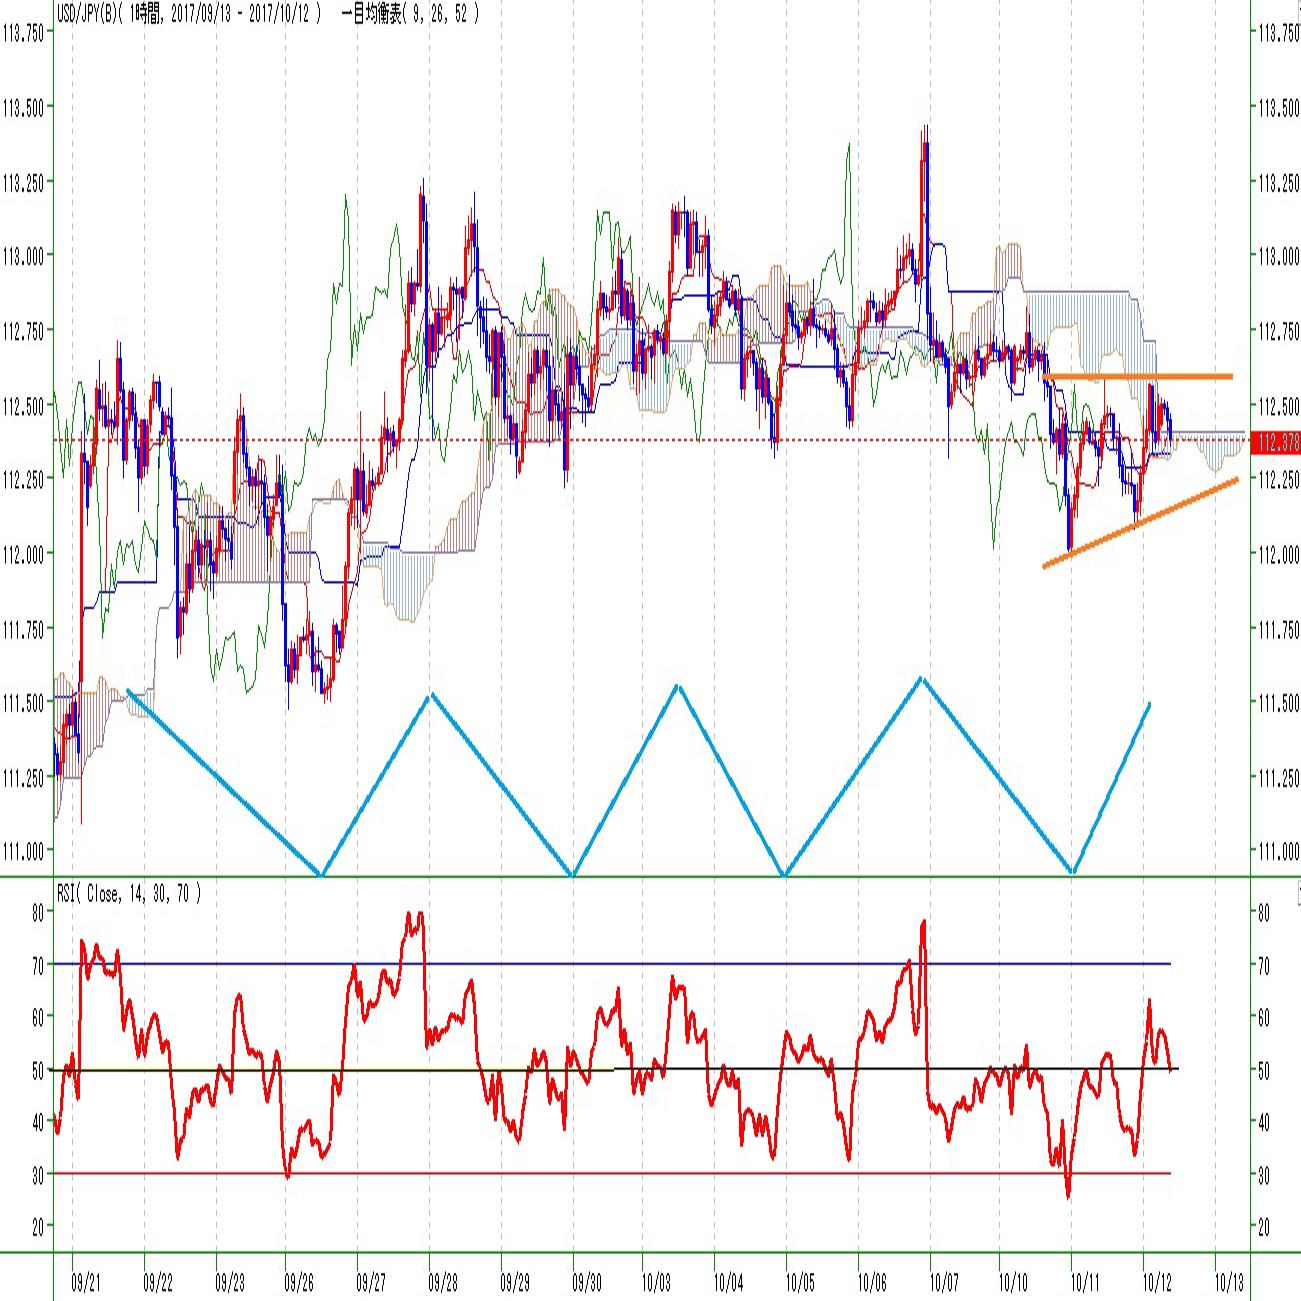 ドル円FOMC議事録公開では円安へ進めず(10/12)